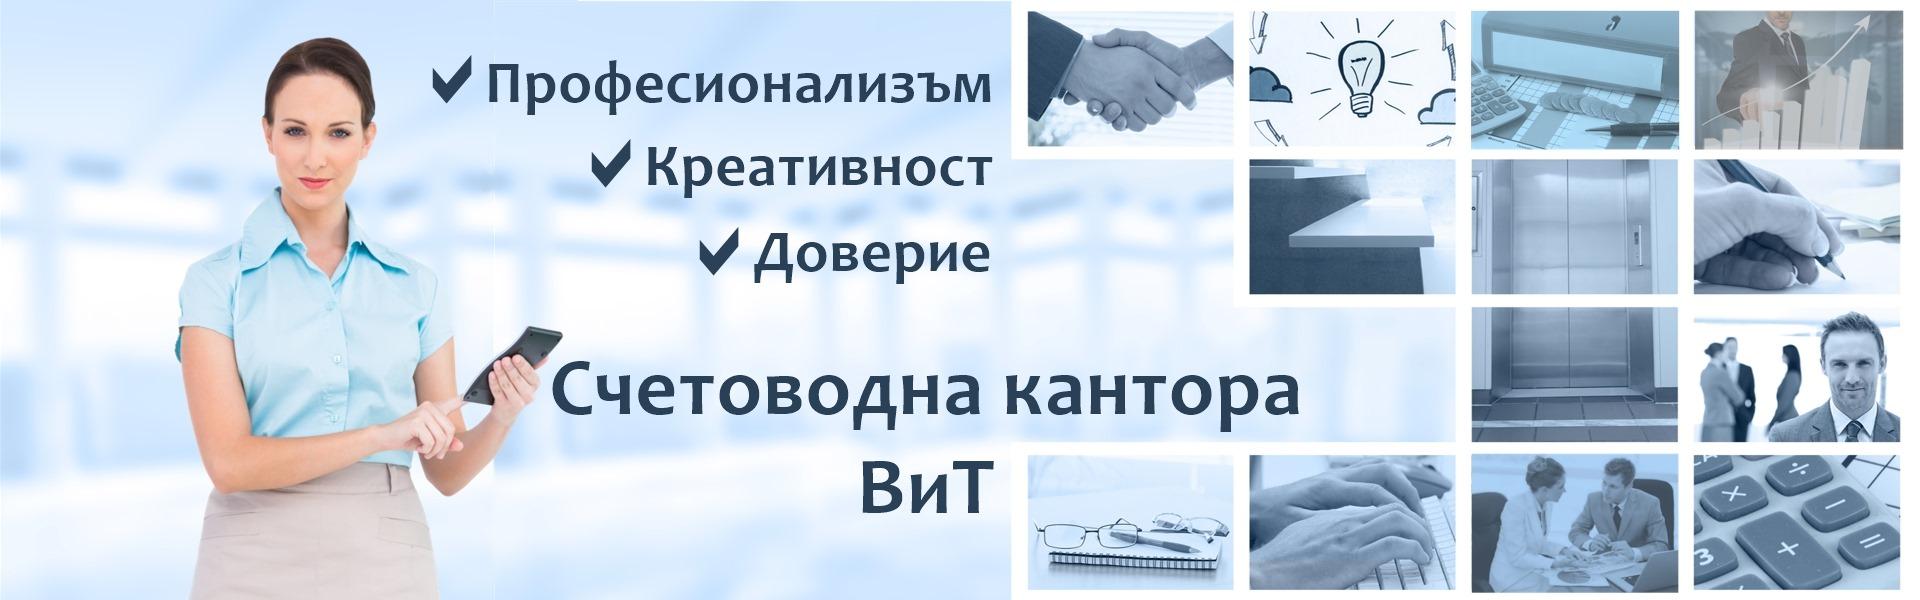 колаж описва счетоводните услуги и ценностите на счетоводна кантора ВиТ Варна